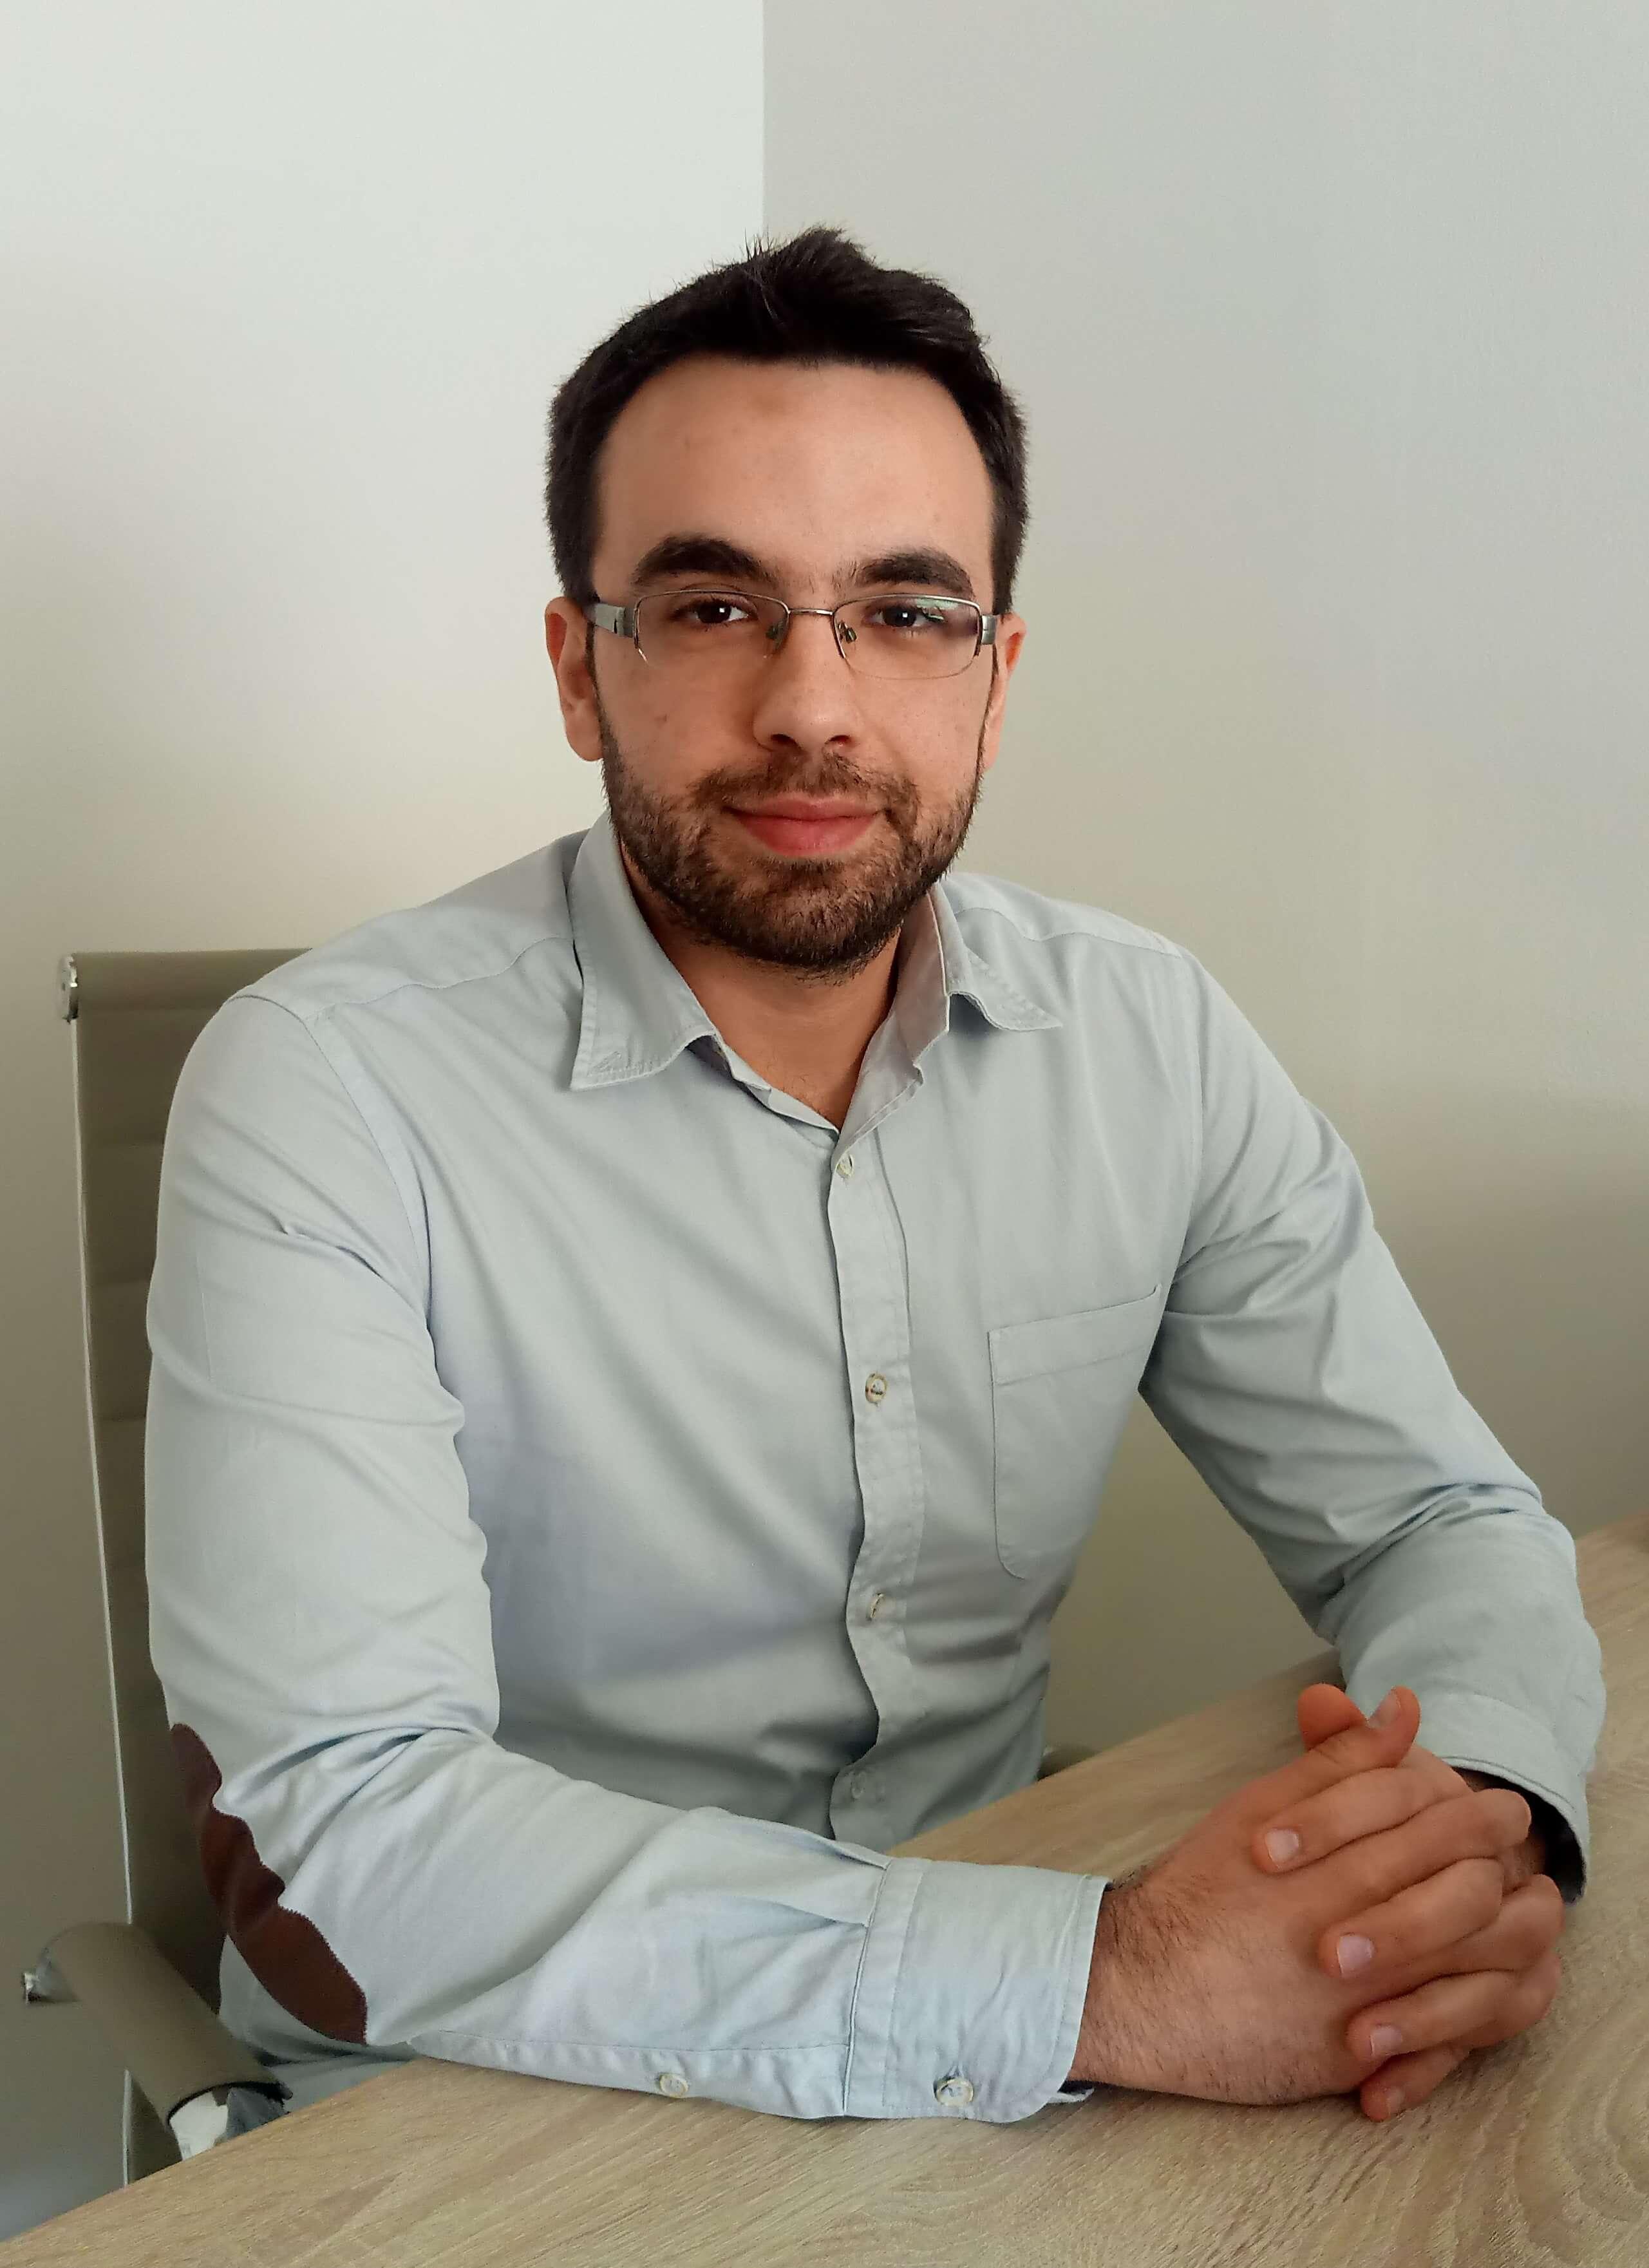 Πατσάκης Κωνσταντίνος - Ψυχολόγος - Βιογραφικό